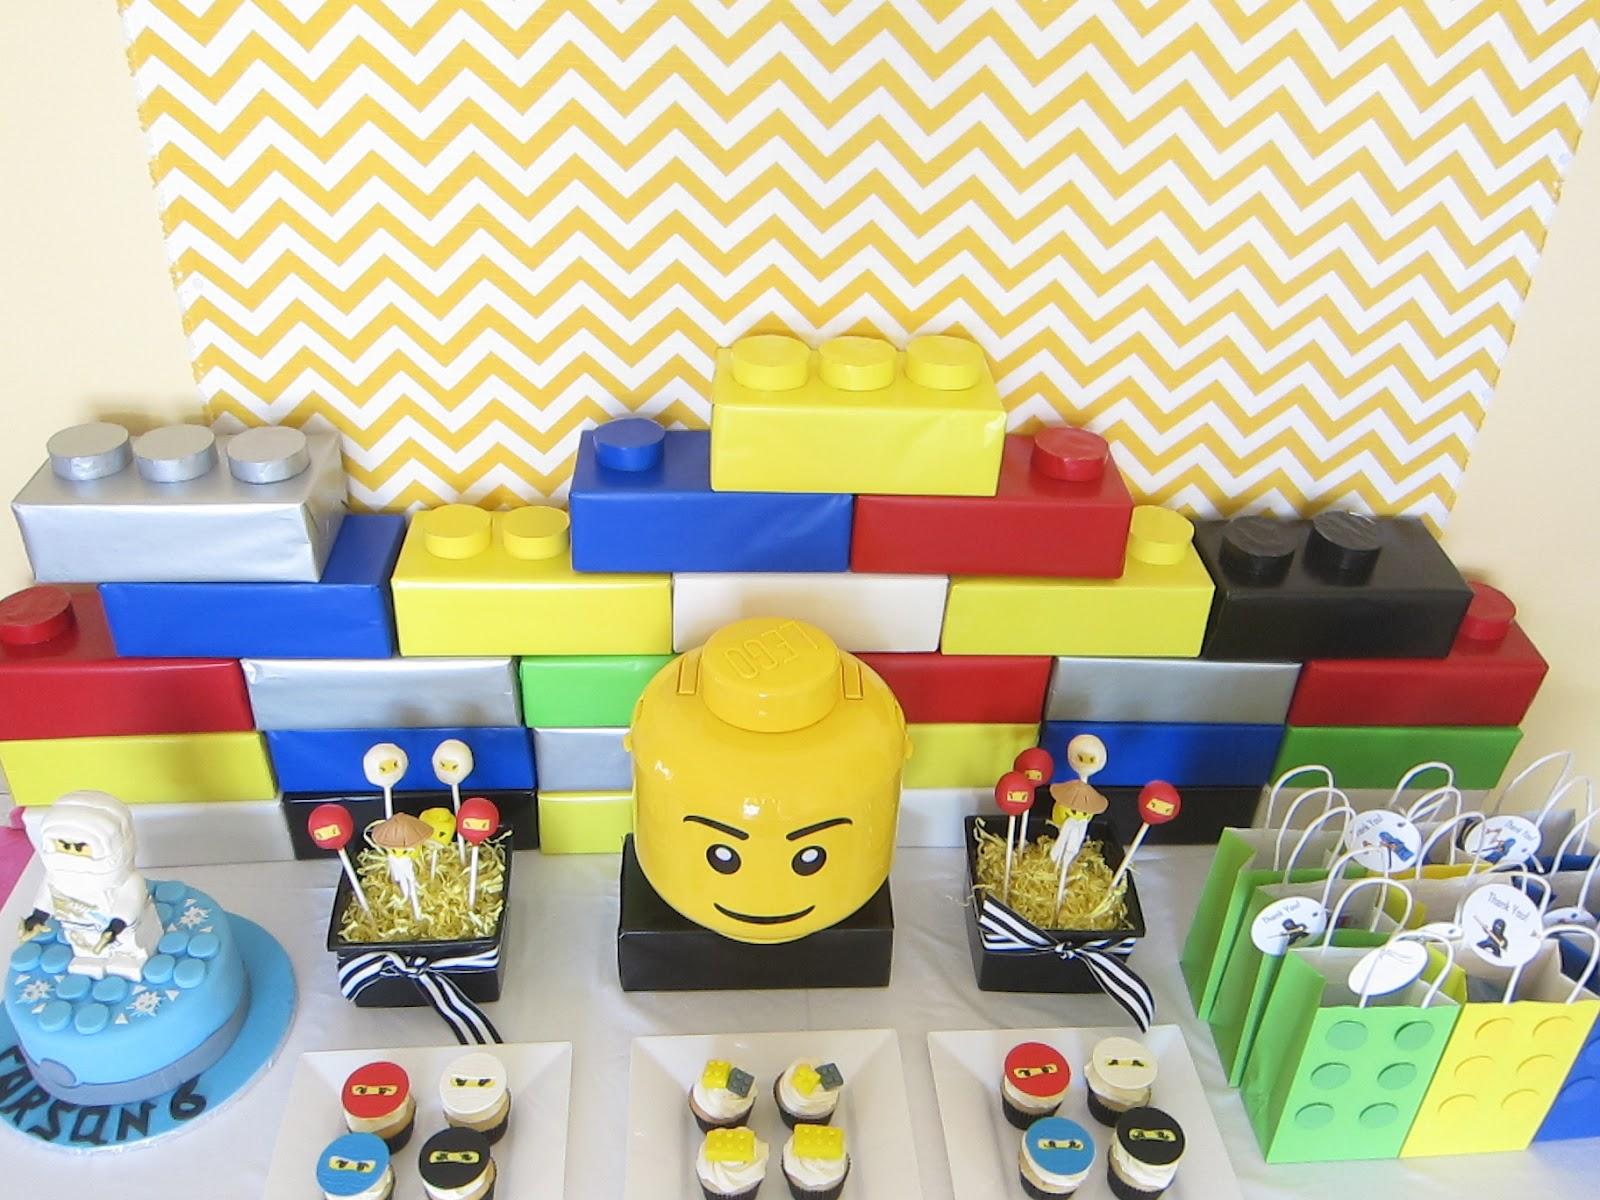 Lego City Cake Kit